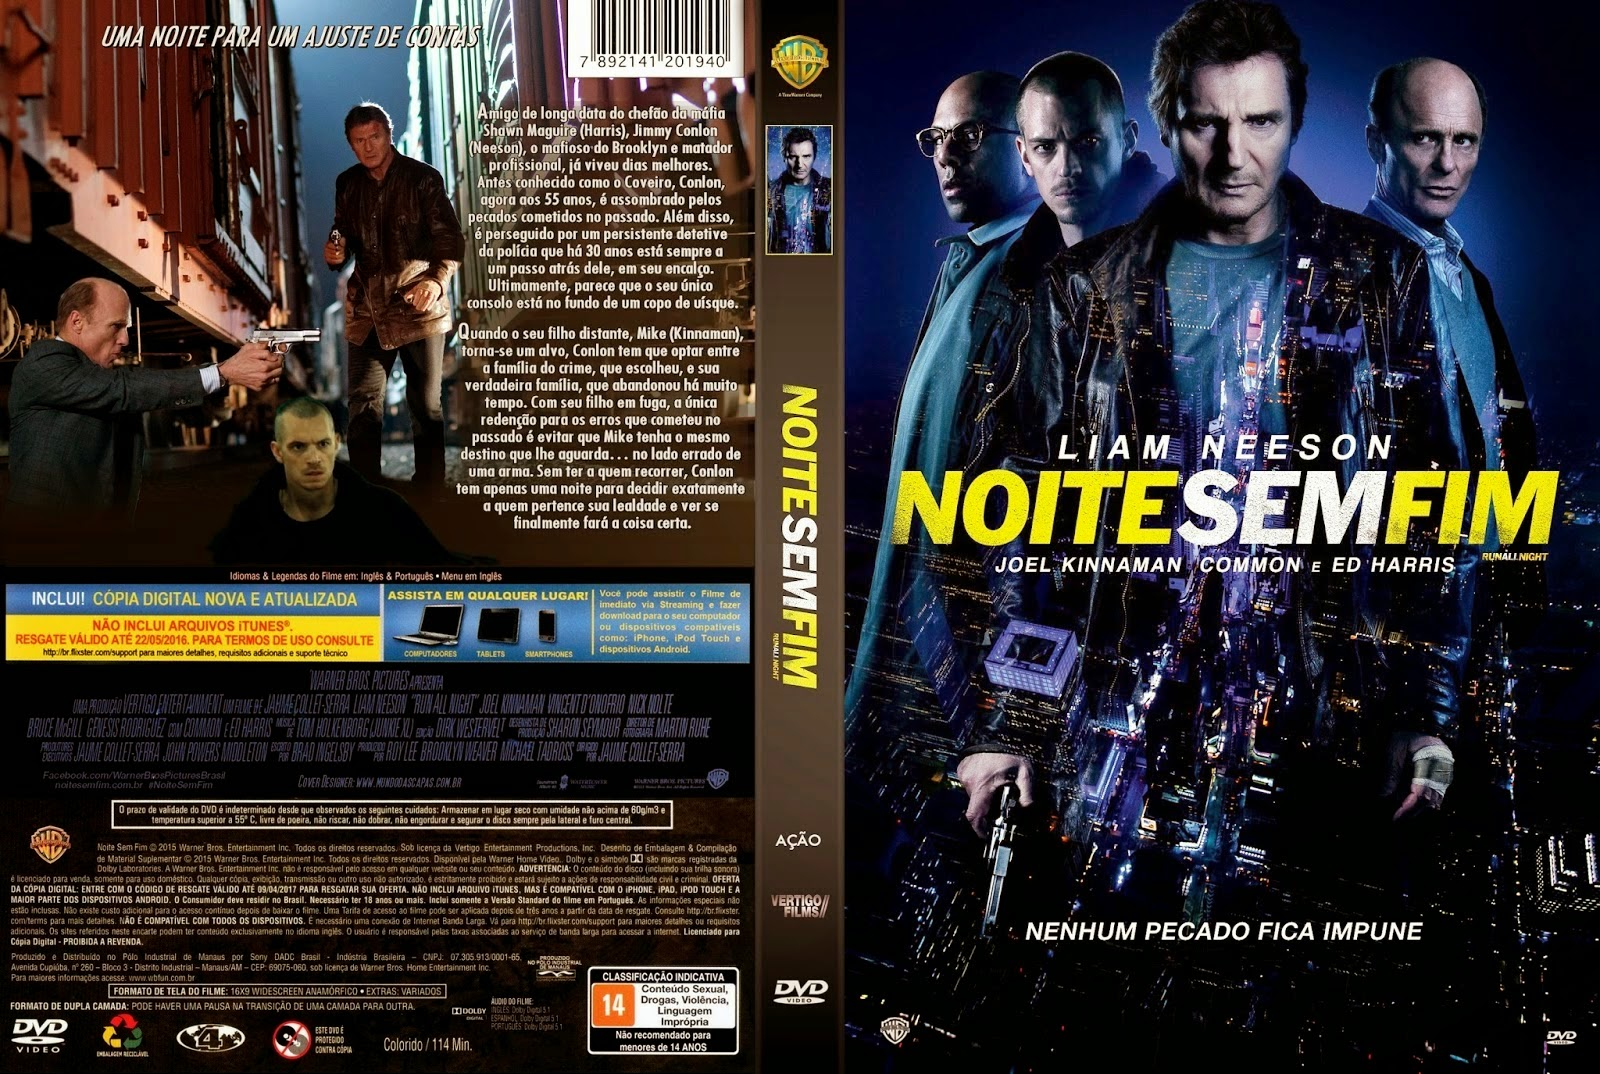 Noite Sem Fim BluRay 720p Dual Áudio Noite 2BSem 2BFim 2B  2BCapa 2BFilme 2BDVD